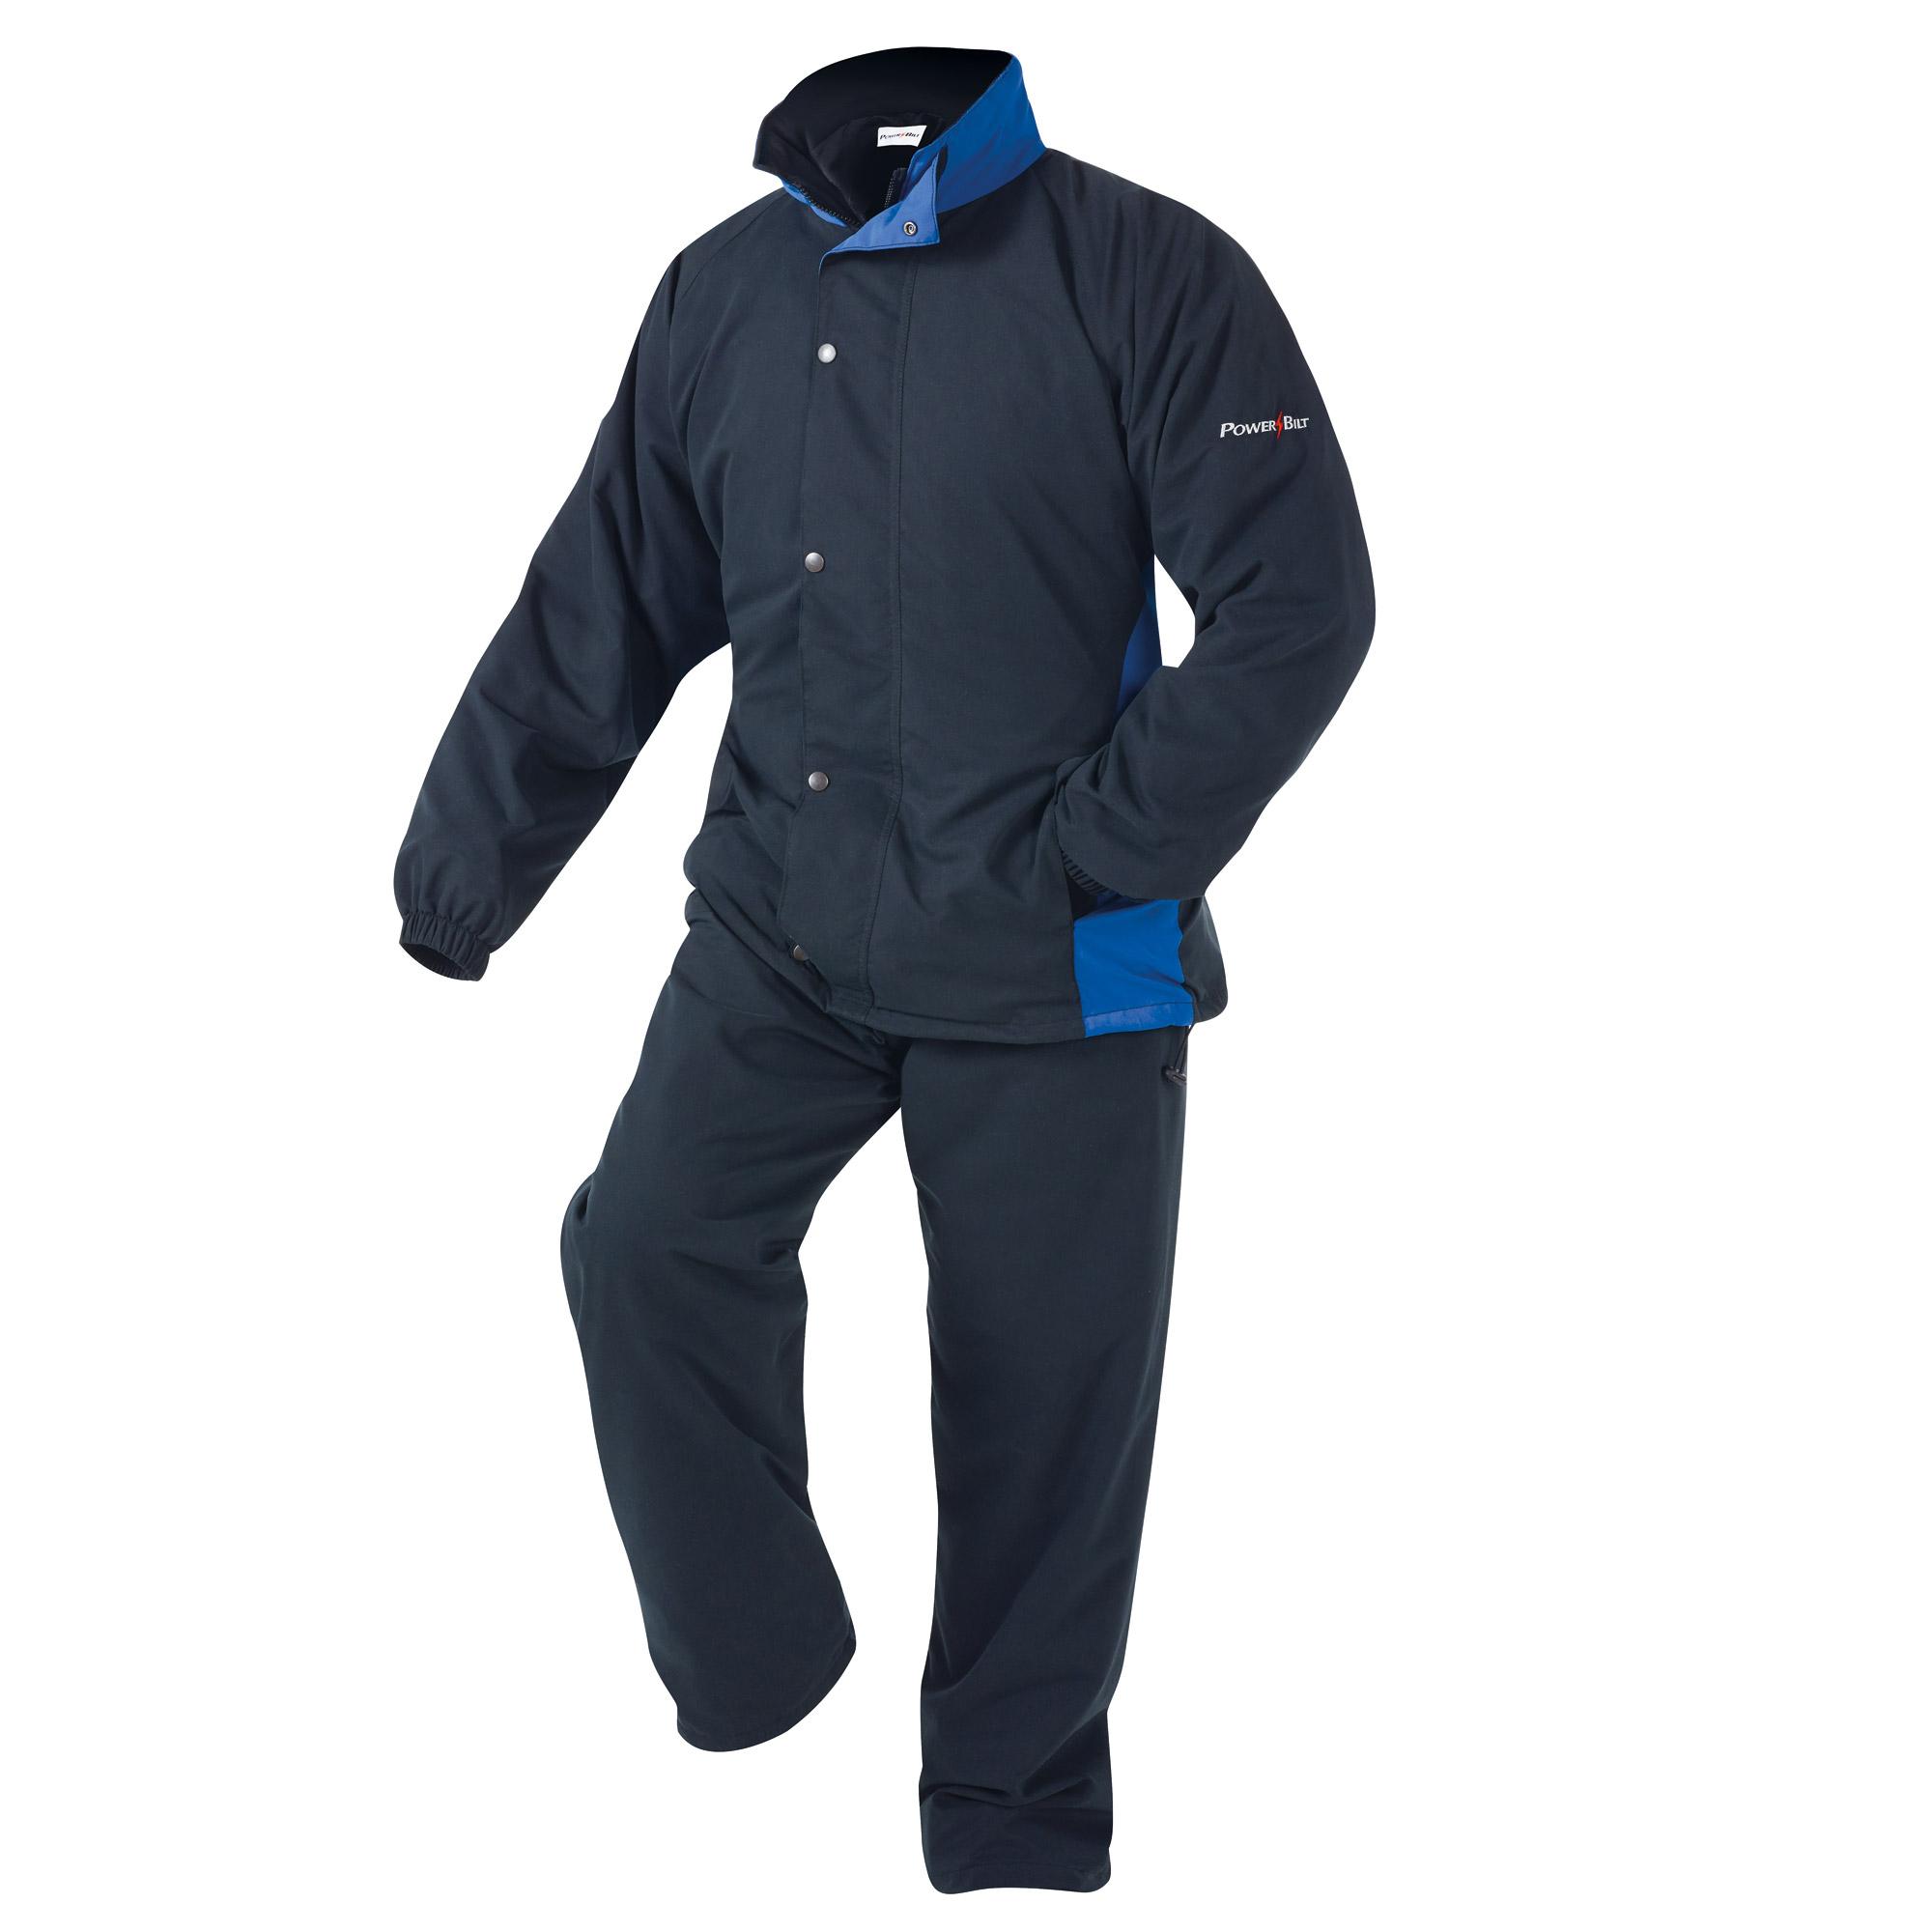 PowerBilt Nimbus Waterproof Mens Golf Suit - XXL